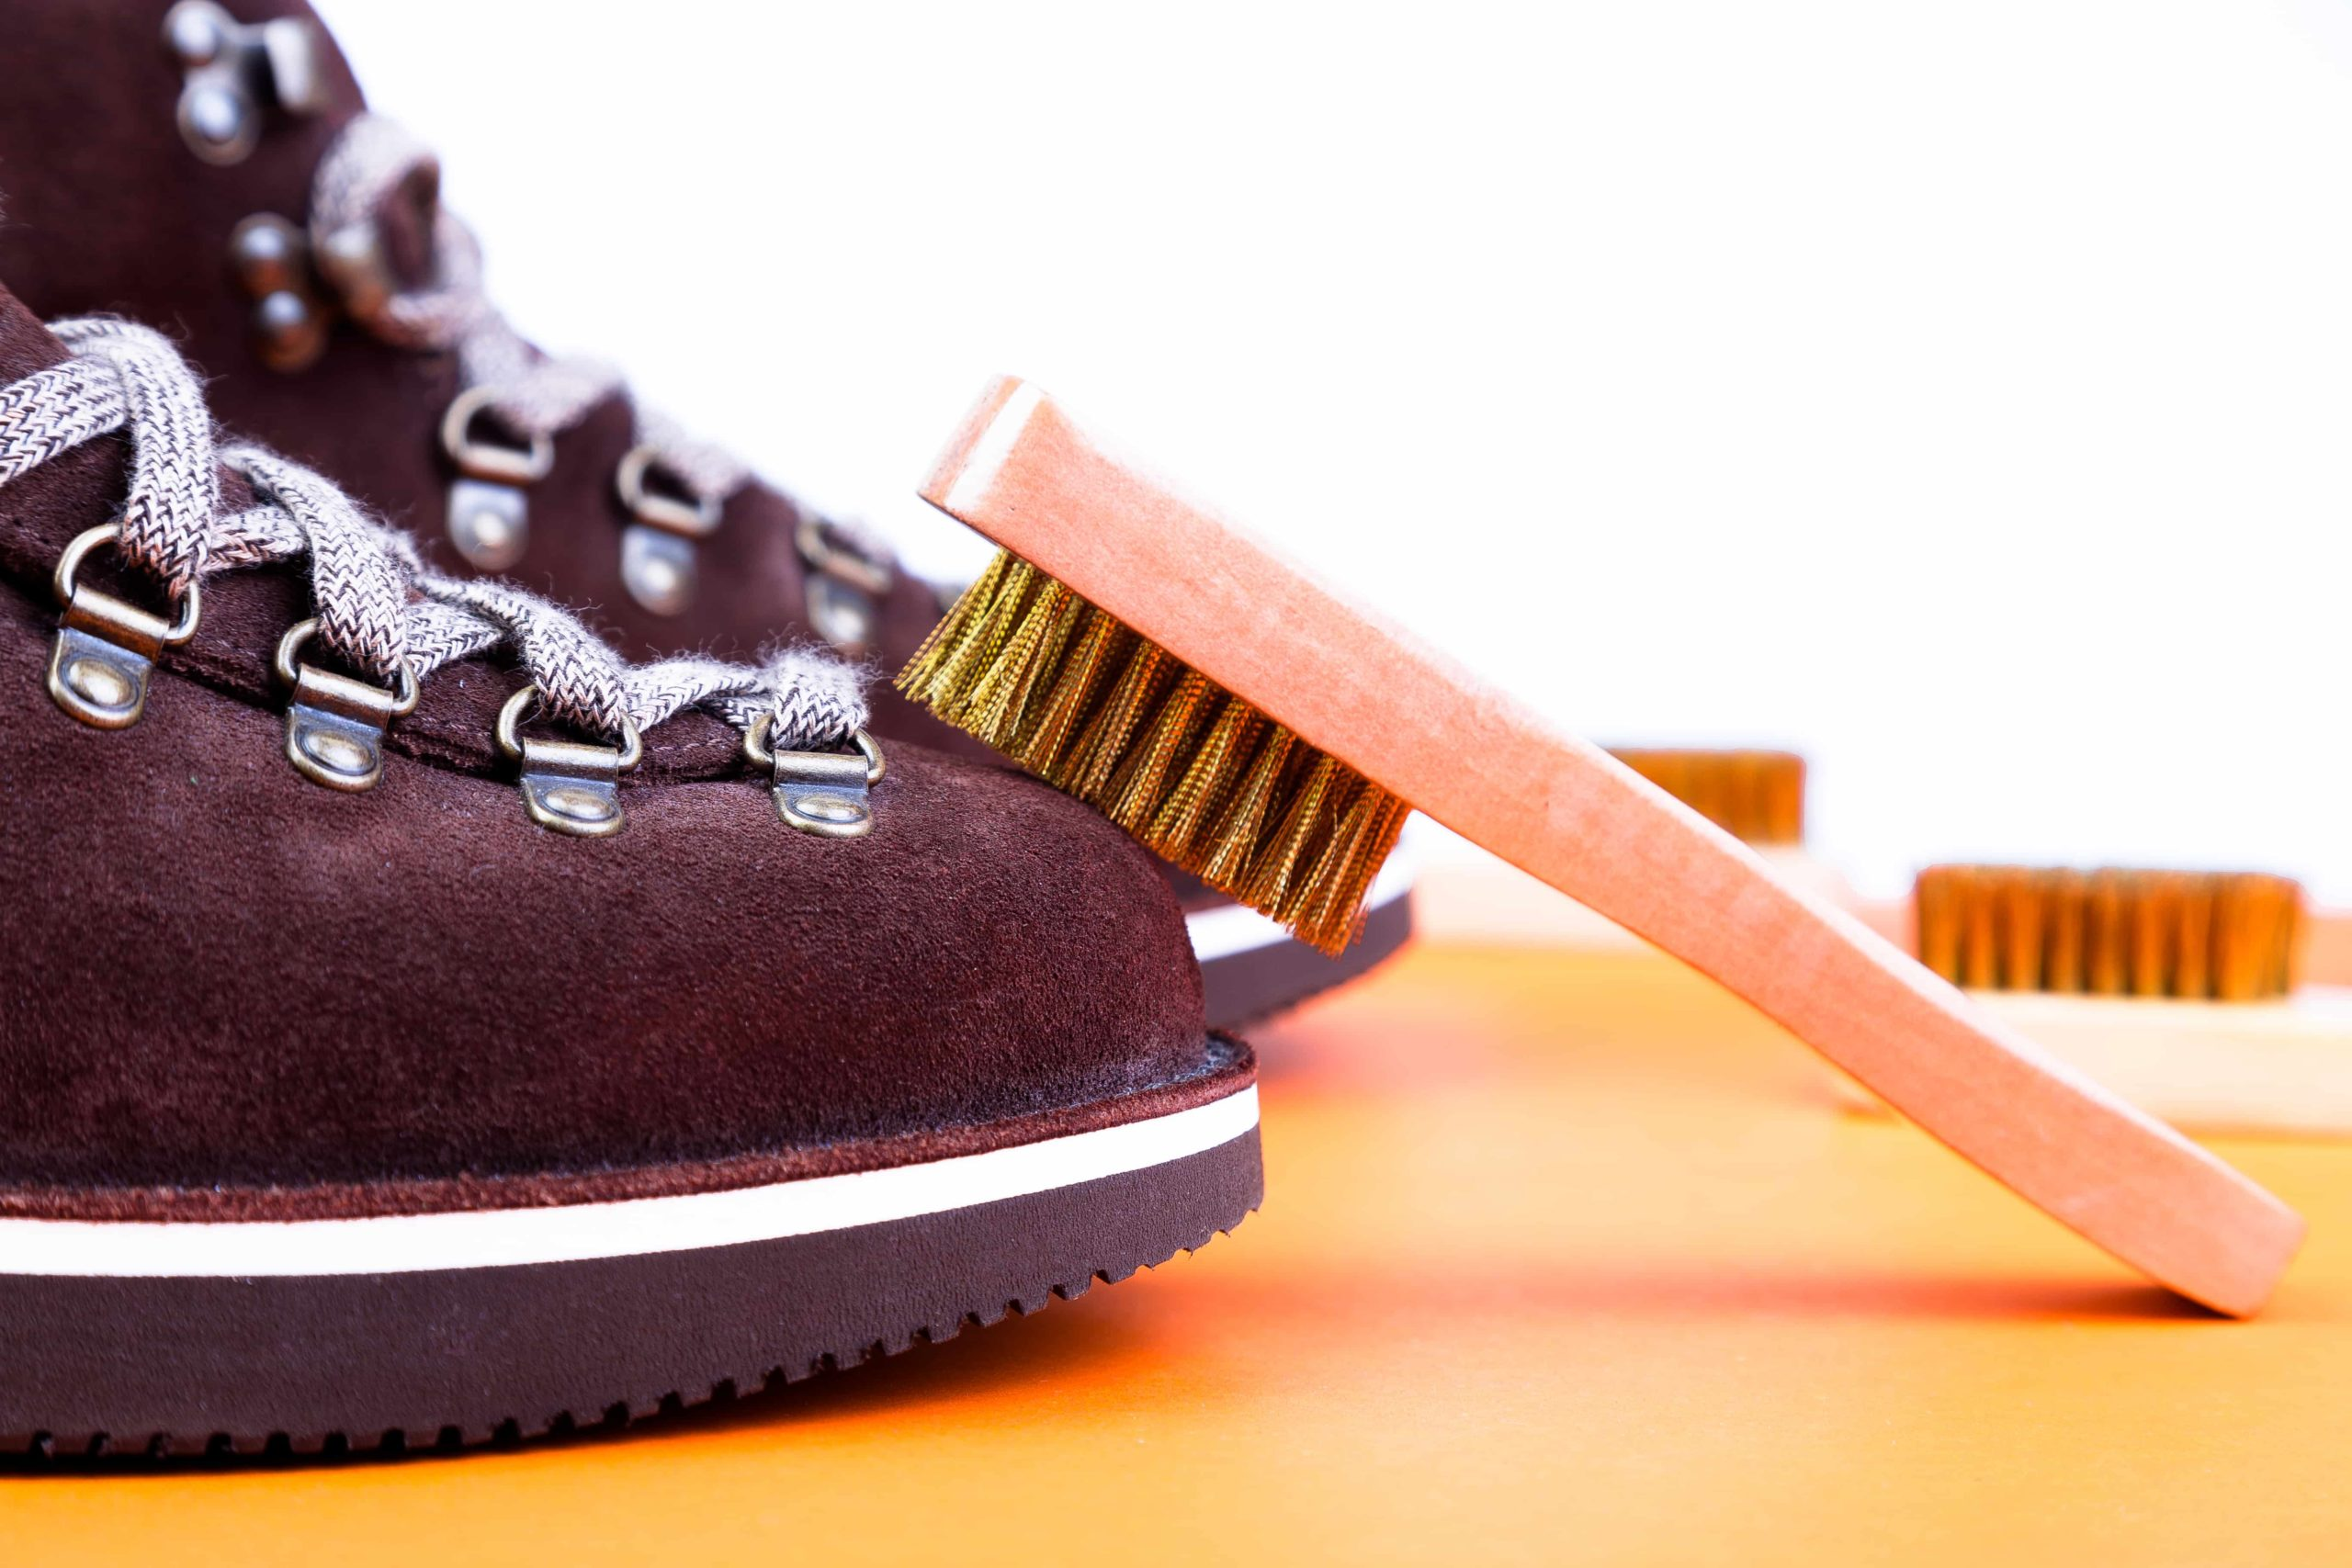 Как чистить обувь. Как правильно чистить обувь от пыли и грязи